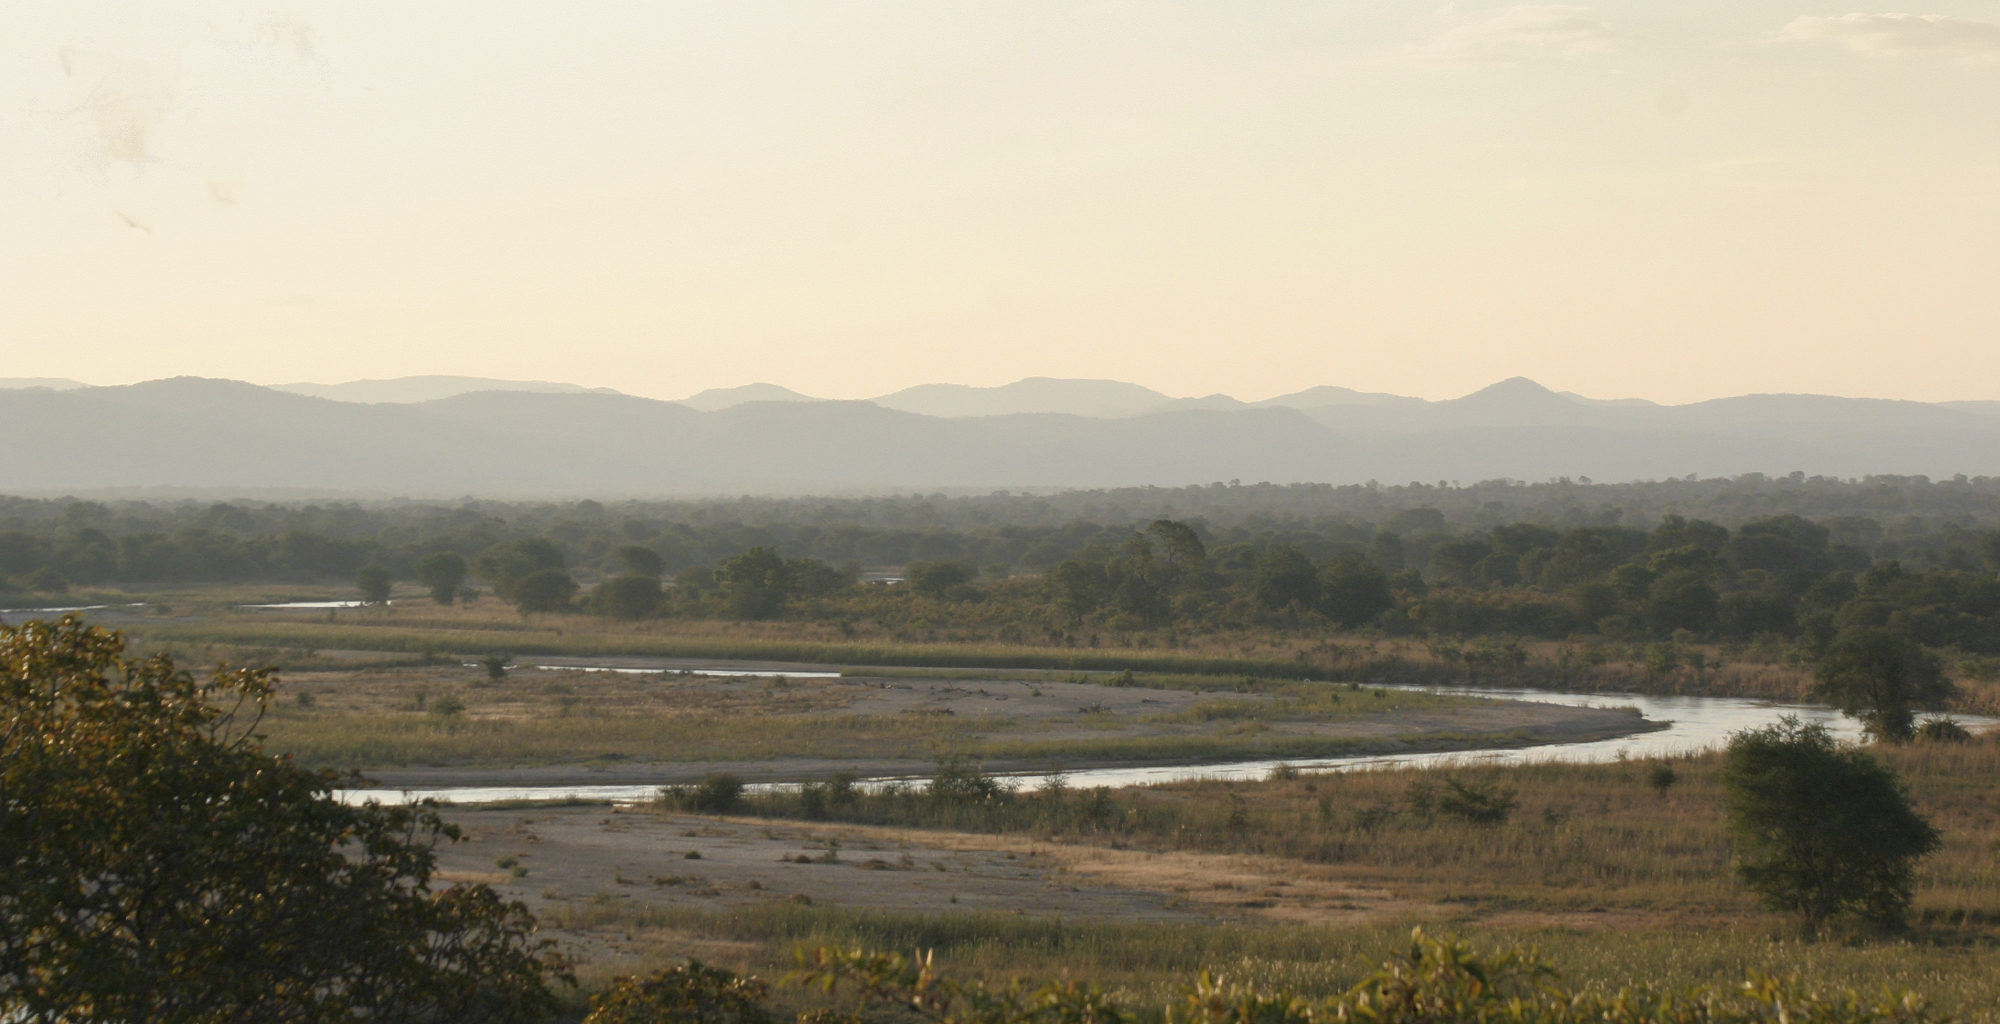 Zambia-North-Luangwa-Landscape-River-Hero